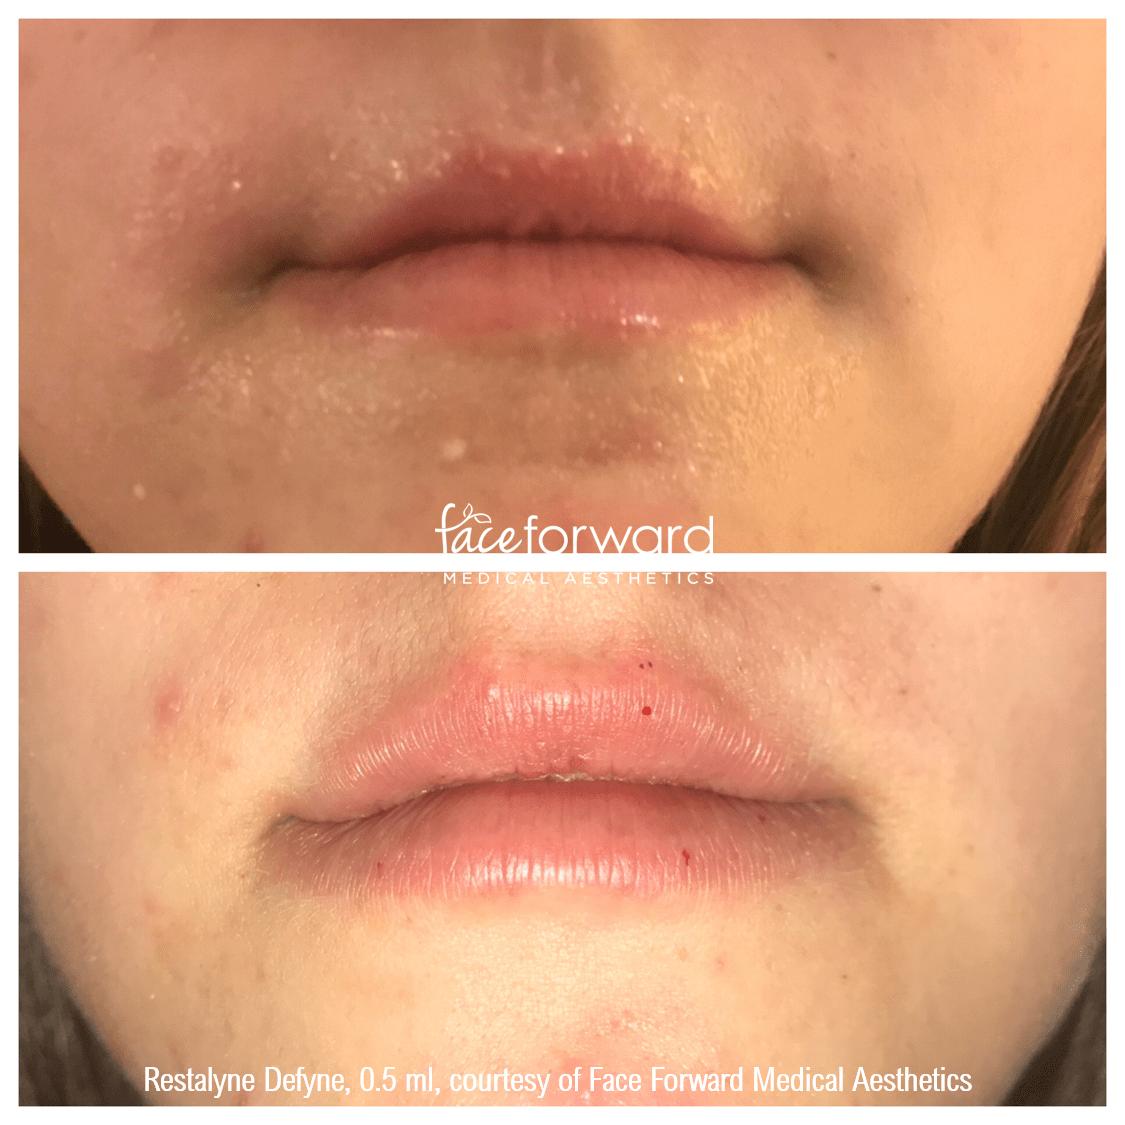 lip-filler-restalyne-defyne-before-after.png